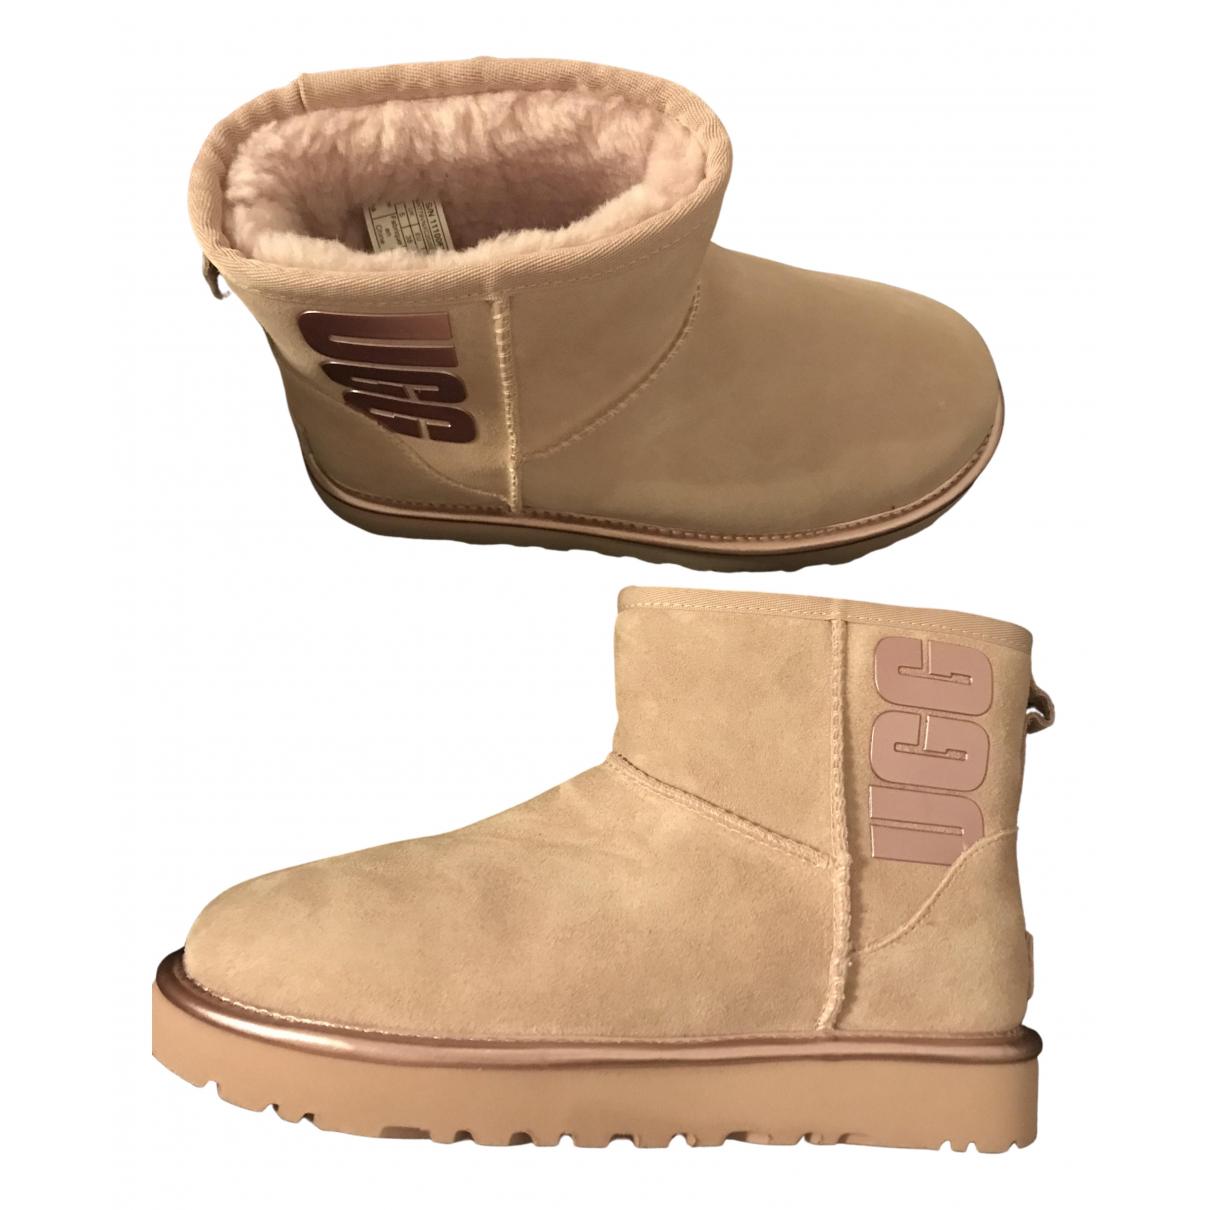 Ugg - Boots   pour femme en mouton - rose